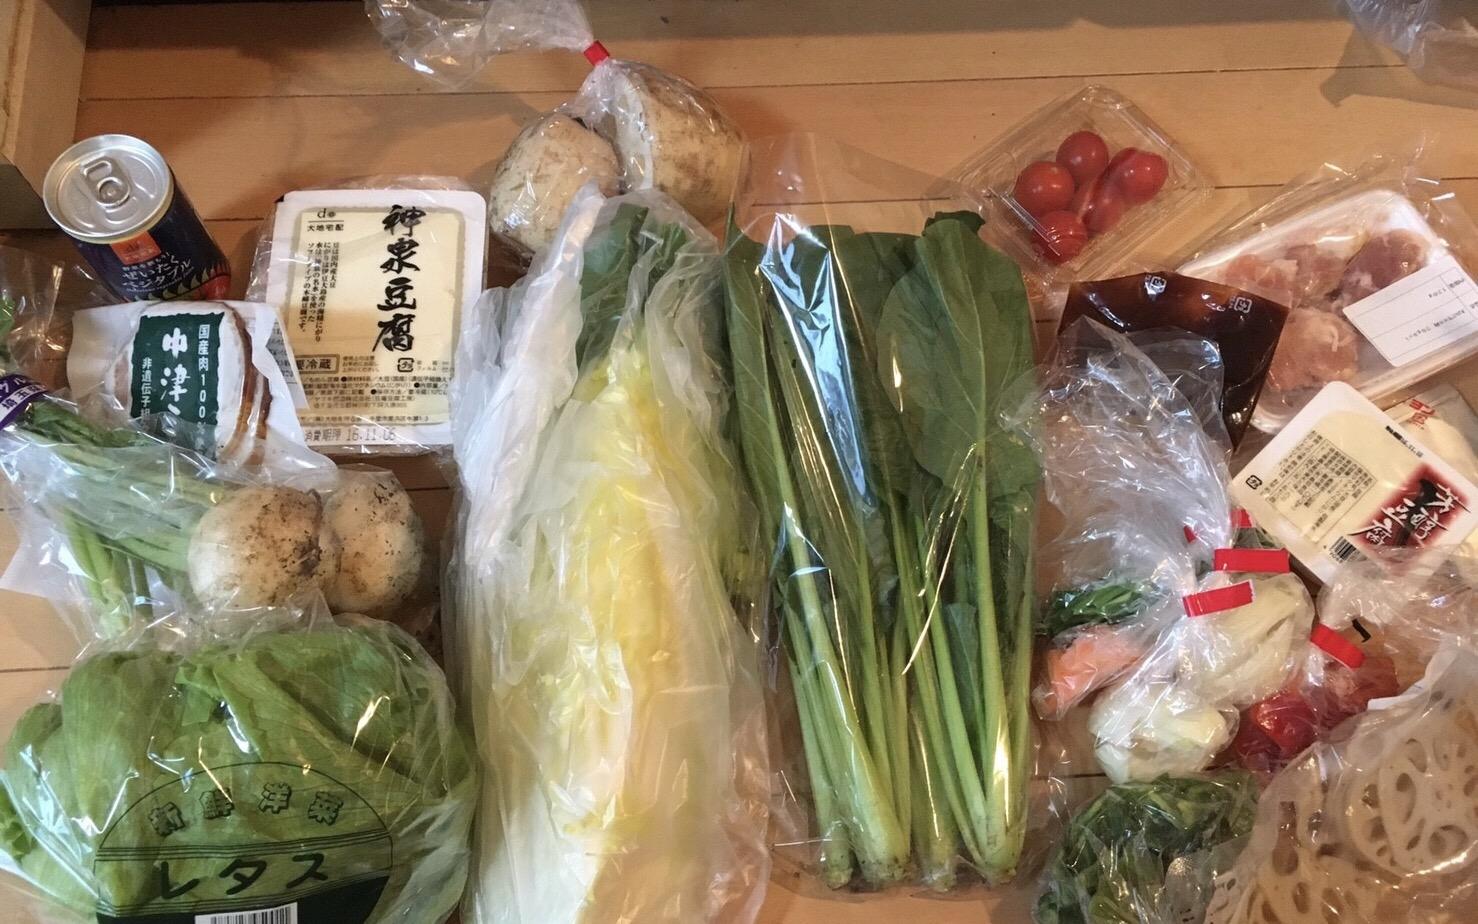 野菜が定期的に届くサービス大地宅配を頼んでみた。